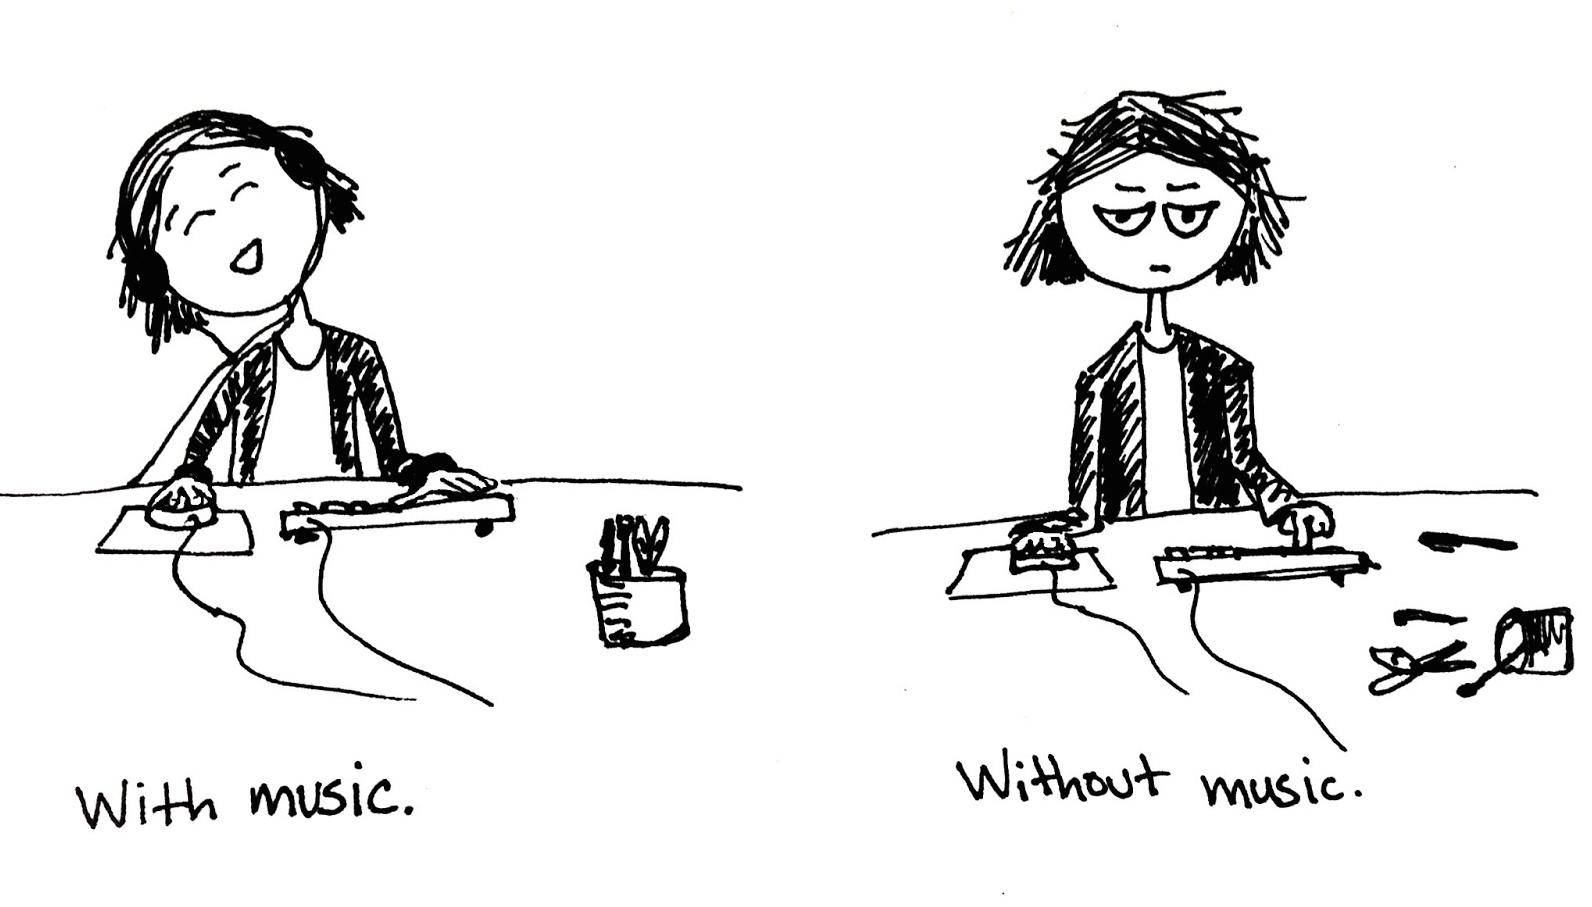 Музыка – ключ к успеху и развитию